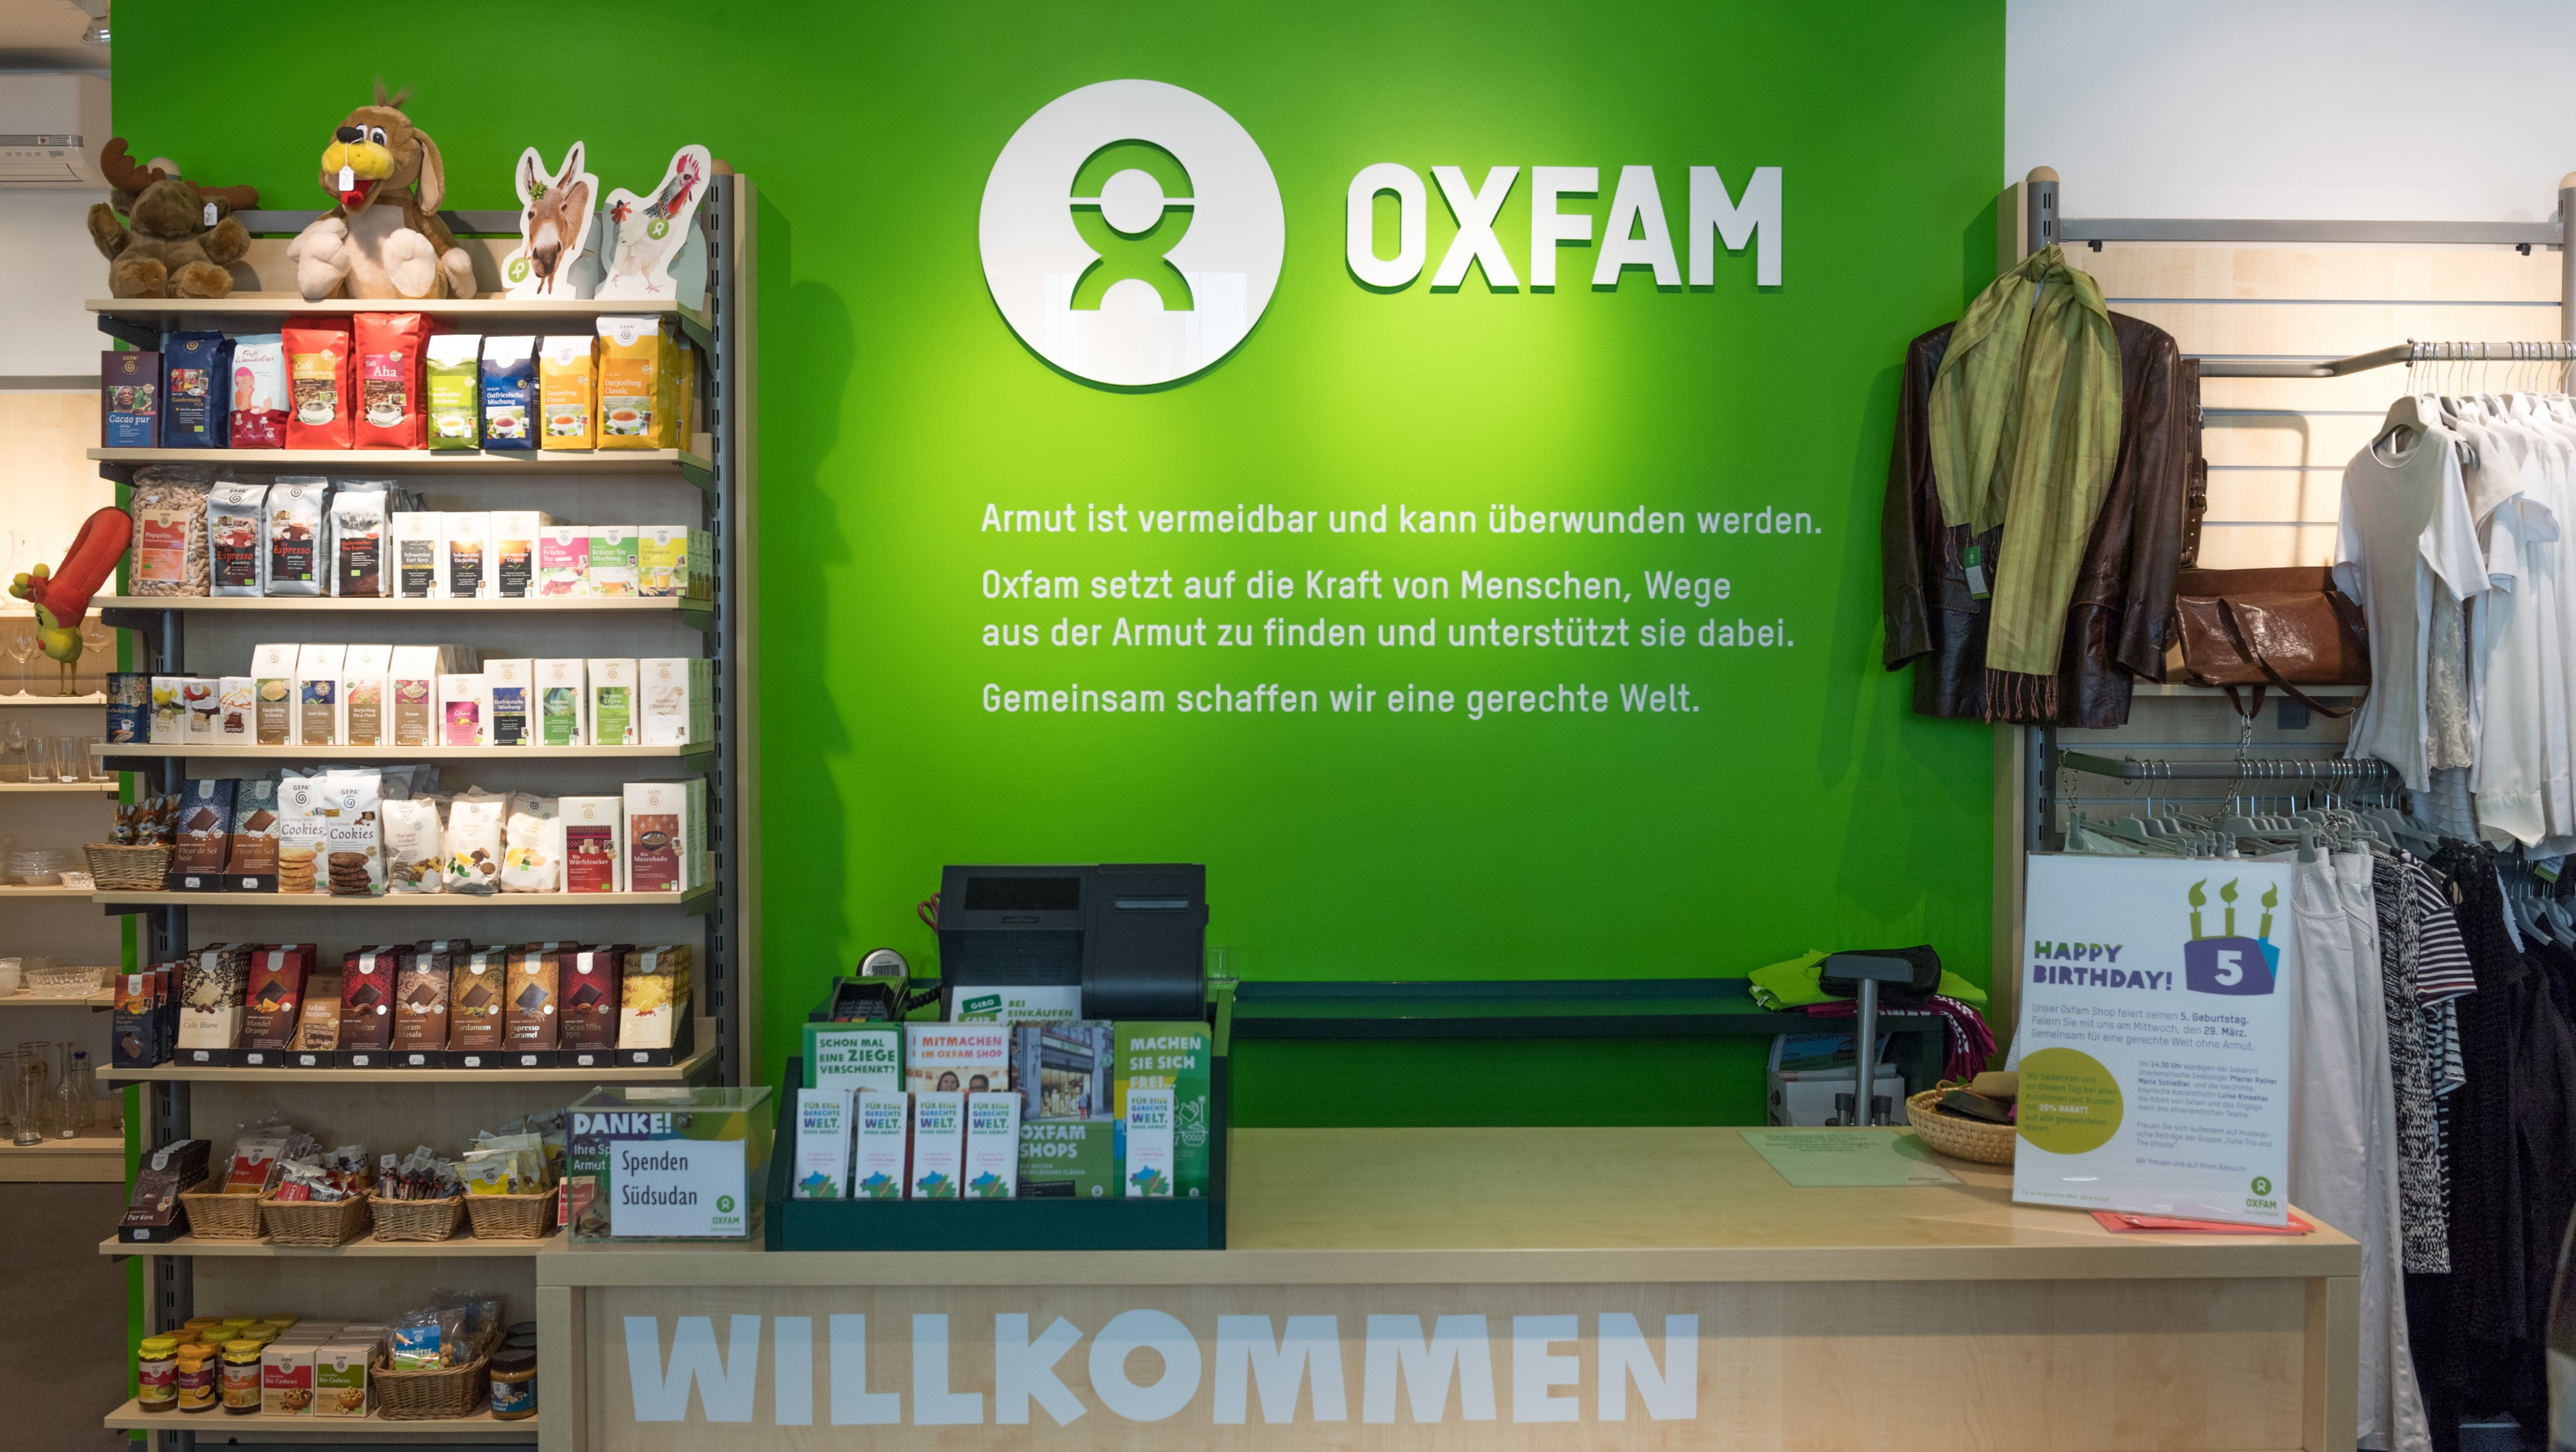 Oxfam Shop München-Isarvorstadt - Kasse